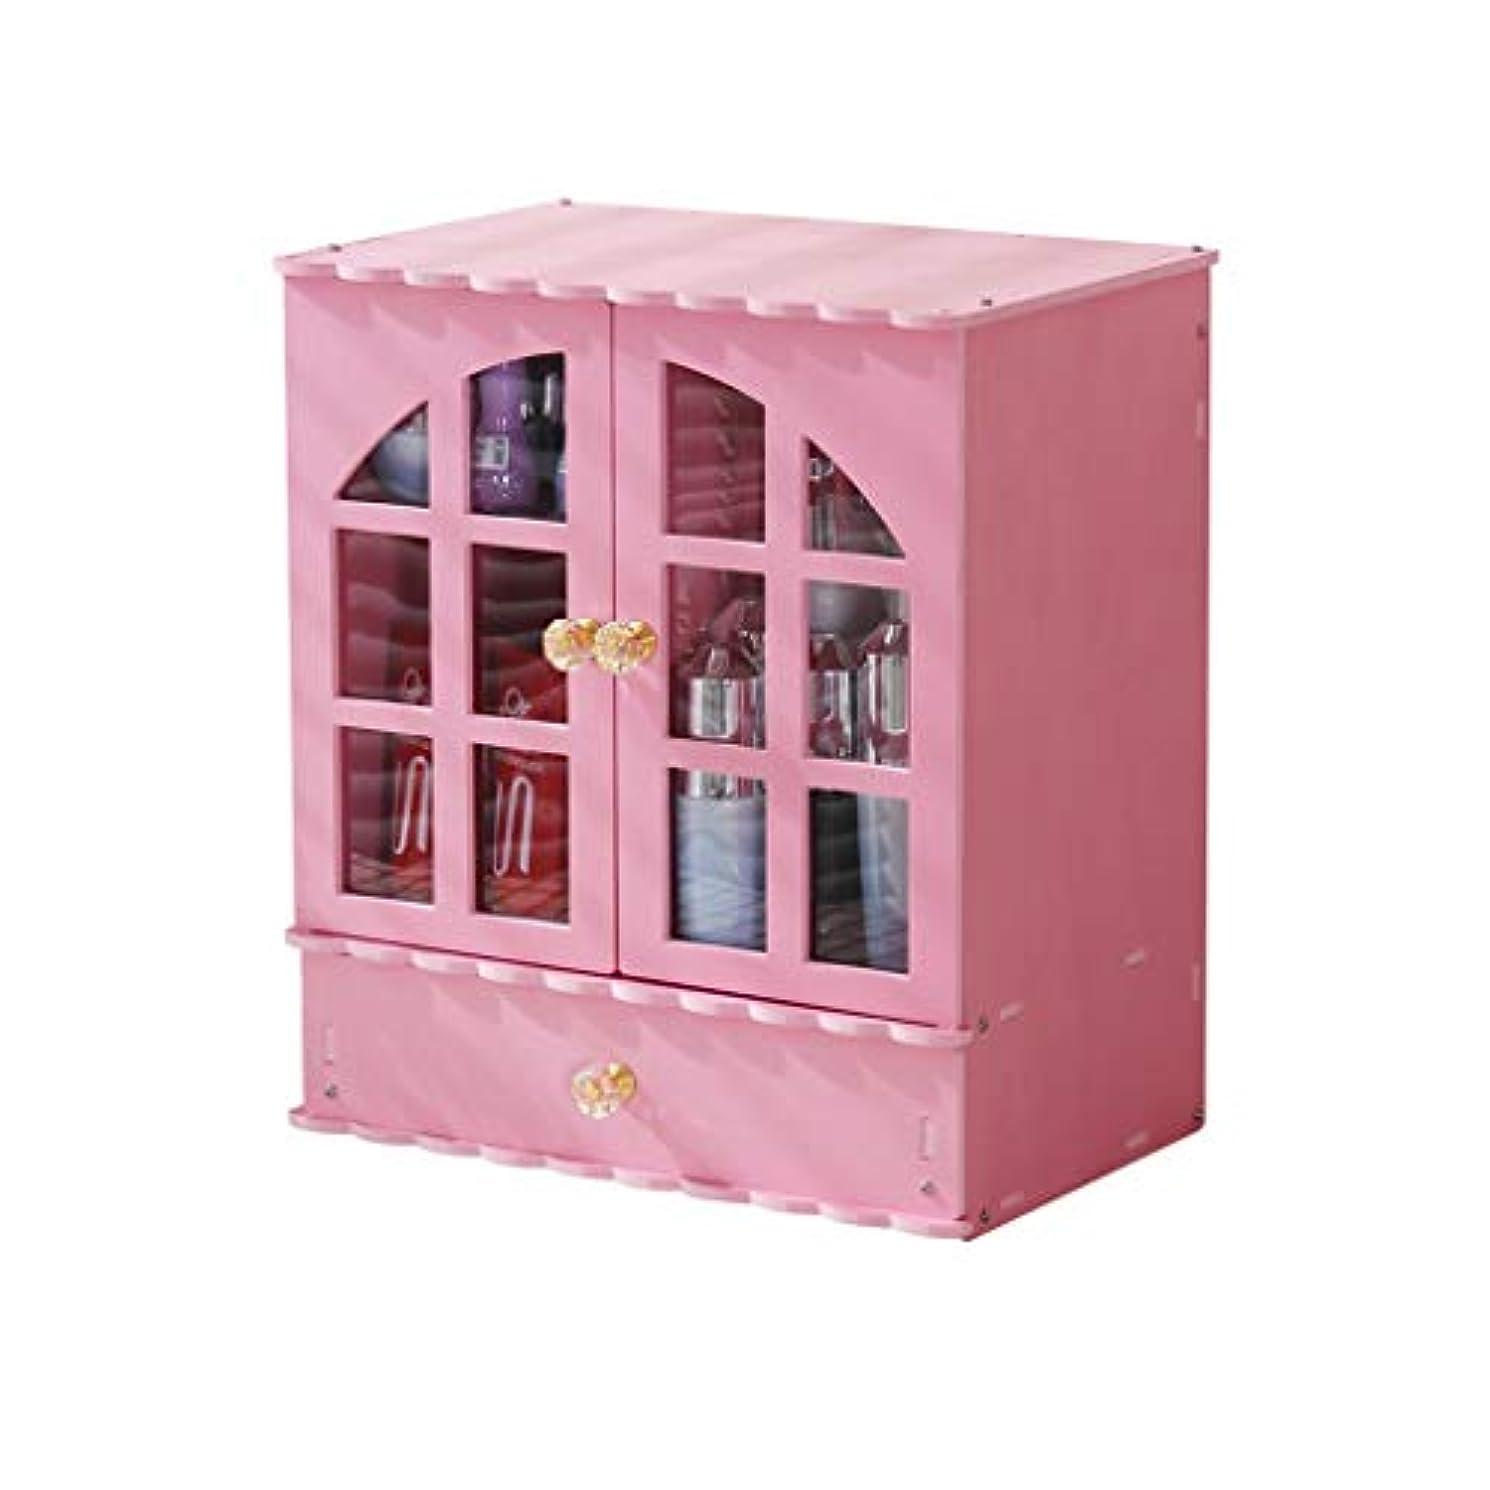 課すジョリー悲しいデスクトップ化粧品スキンケア収納ボックスプラスチック収納キャビネットラックかわいい家庭用ドレッシングテーブル化粧箱 (Color : Pink)